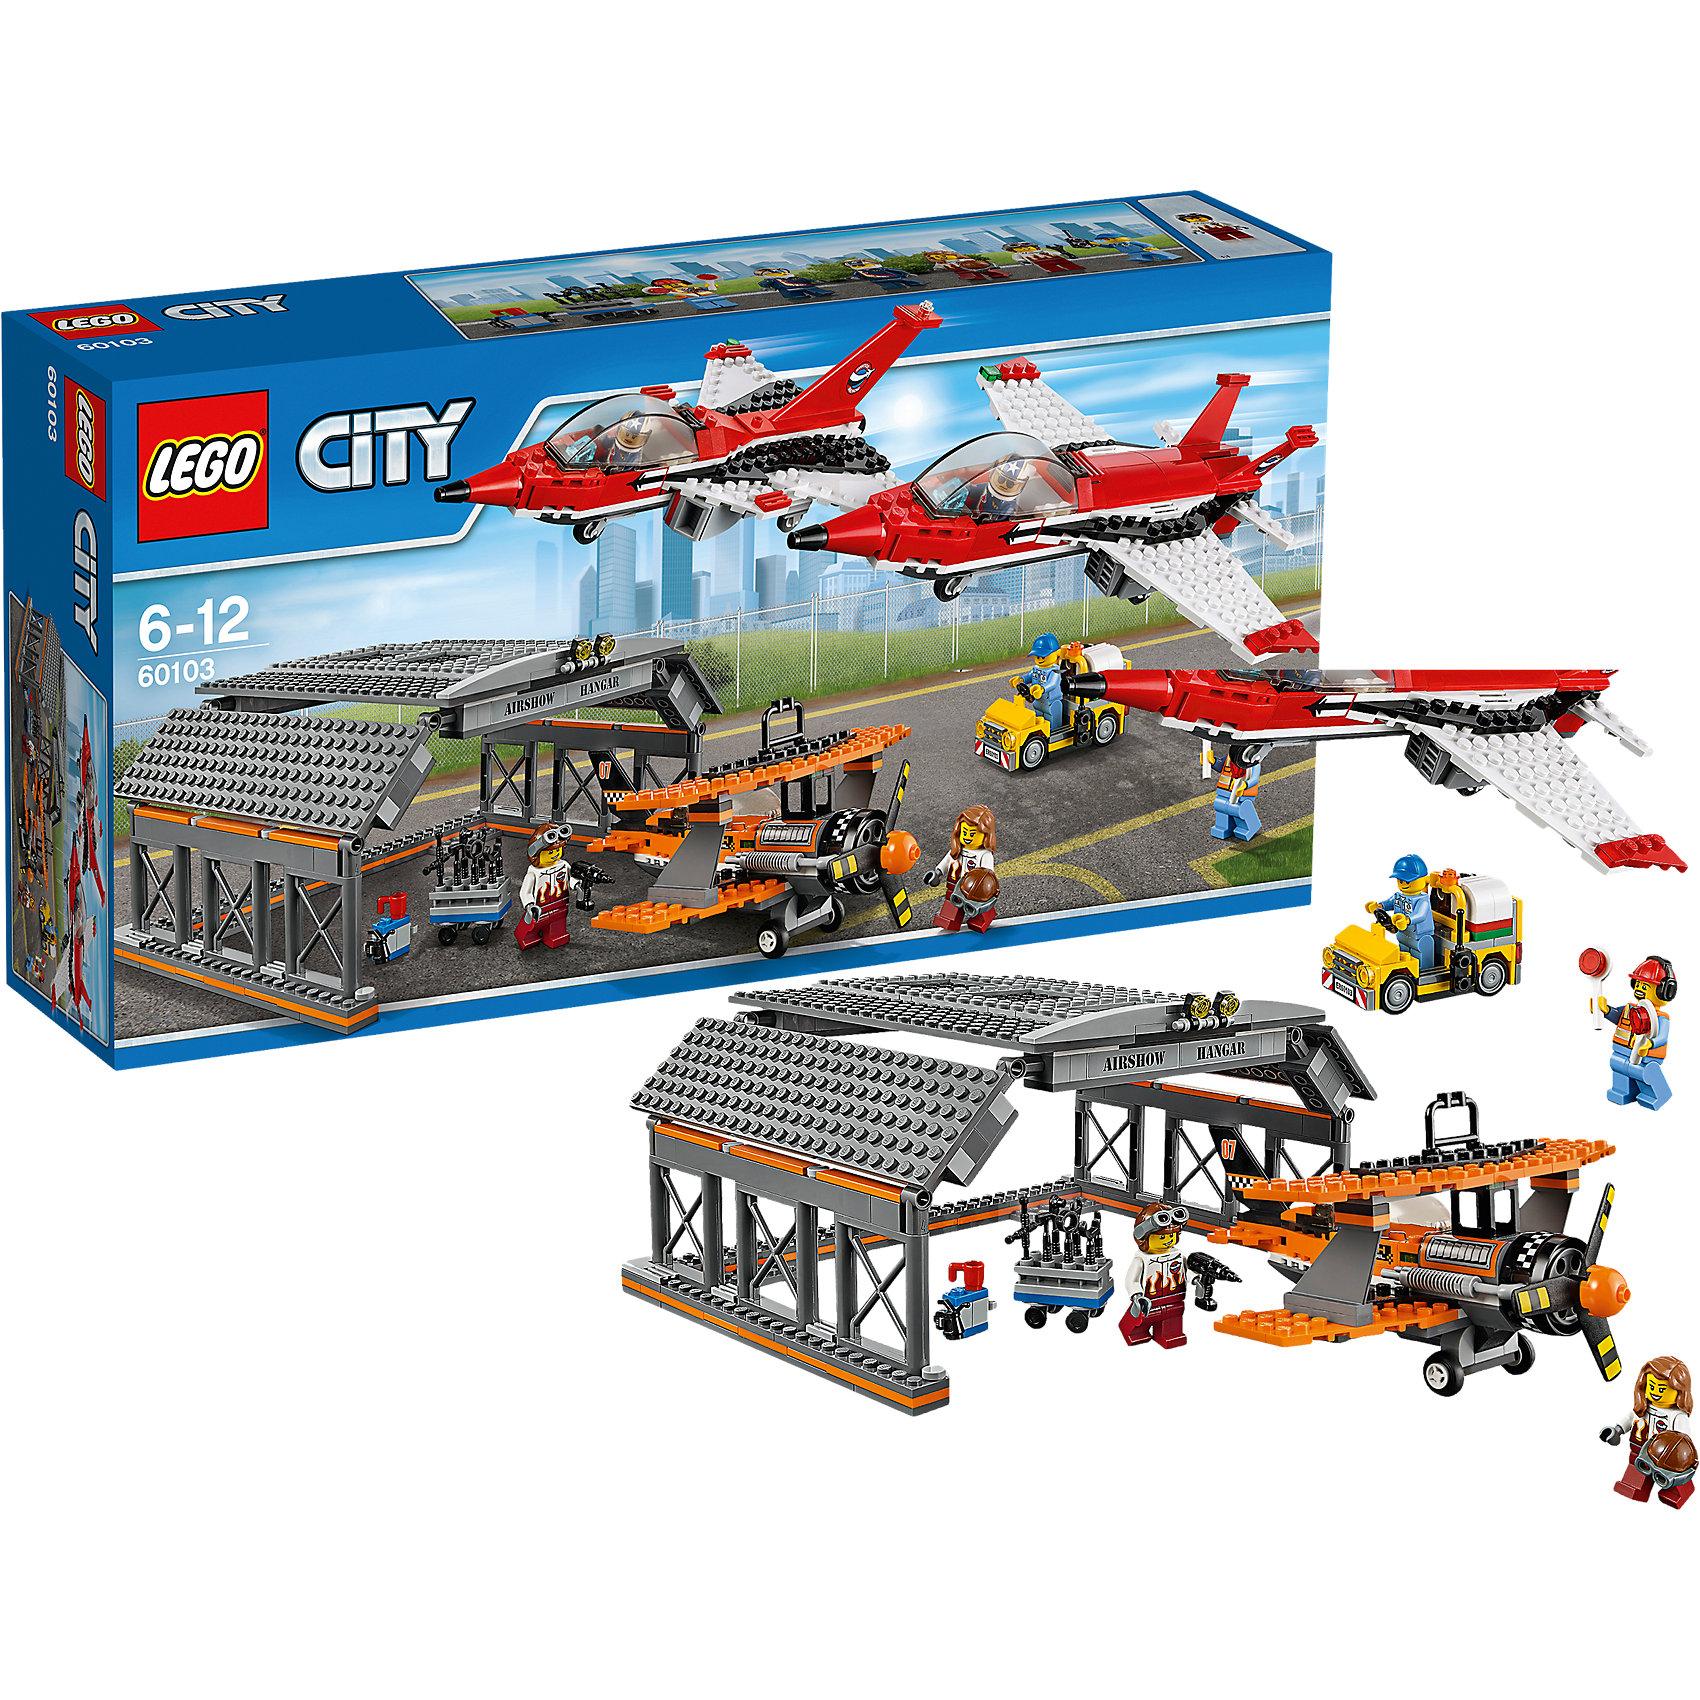 LEGO City 60103: АвиашоуLEGO<br>Устрой настоящее авиашоу с этим замечательным конструктором ЛЕГО! В просторном ангаре тебя ждут два современных самолета, и один раритетный. После полета обязательно попроси механика провести проверку - все ли системы в норме. <br><br>LEGO City (ЛЕГО Сити) - серия детских конструкторов ЛЕГО, с помощью которого ваш ребенок может погрузиться в мир мегаполиса. Эта серия поможет ребенку понять, как устроена жизнь города, какие функции выполняют те или иные люди и техника. Предлагает на выбор огромное множество профессий, сфер деятельности и ситуаций, связанных с ними.<br><br>Дополнительная информация:<br><br>- Конструкторы ЛЕГО развивают усидчивость, внимание, фантазию и мелкую моторику. <br>- 6 минифигурок.<br>- Количество деталей: 670. <br>- Комплектация: 6 минифигурок, ангар, 3 самолета, служебный автомобиль, аксессуары.<br>- Колеса самолетов подвижны.<br>- У раритетного самолета вращается пропеллер.<br>- Серия ЛЕГО Сити (LEGO City).<br>- Материал: пластик.<br>- Размер упаковки: 54х12х28 см.<br>- Вес: 1.485 кг.<br><br>Конструктор LEGO City 60103: Авиашоу можно купить в нашем магазине.<br><br>Ширина мм: 540<br>Глубина мм: 279<br>Высота мм: 121<br>Вес г: 1516<br>Возраст от месяцев: 72<br>Возраст до месяцев: 144<br>Пол: Мужской<br>Возраст: Детский<br>SKU: 4641238